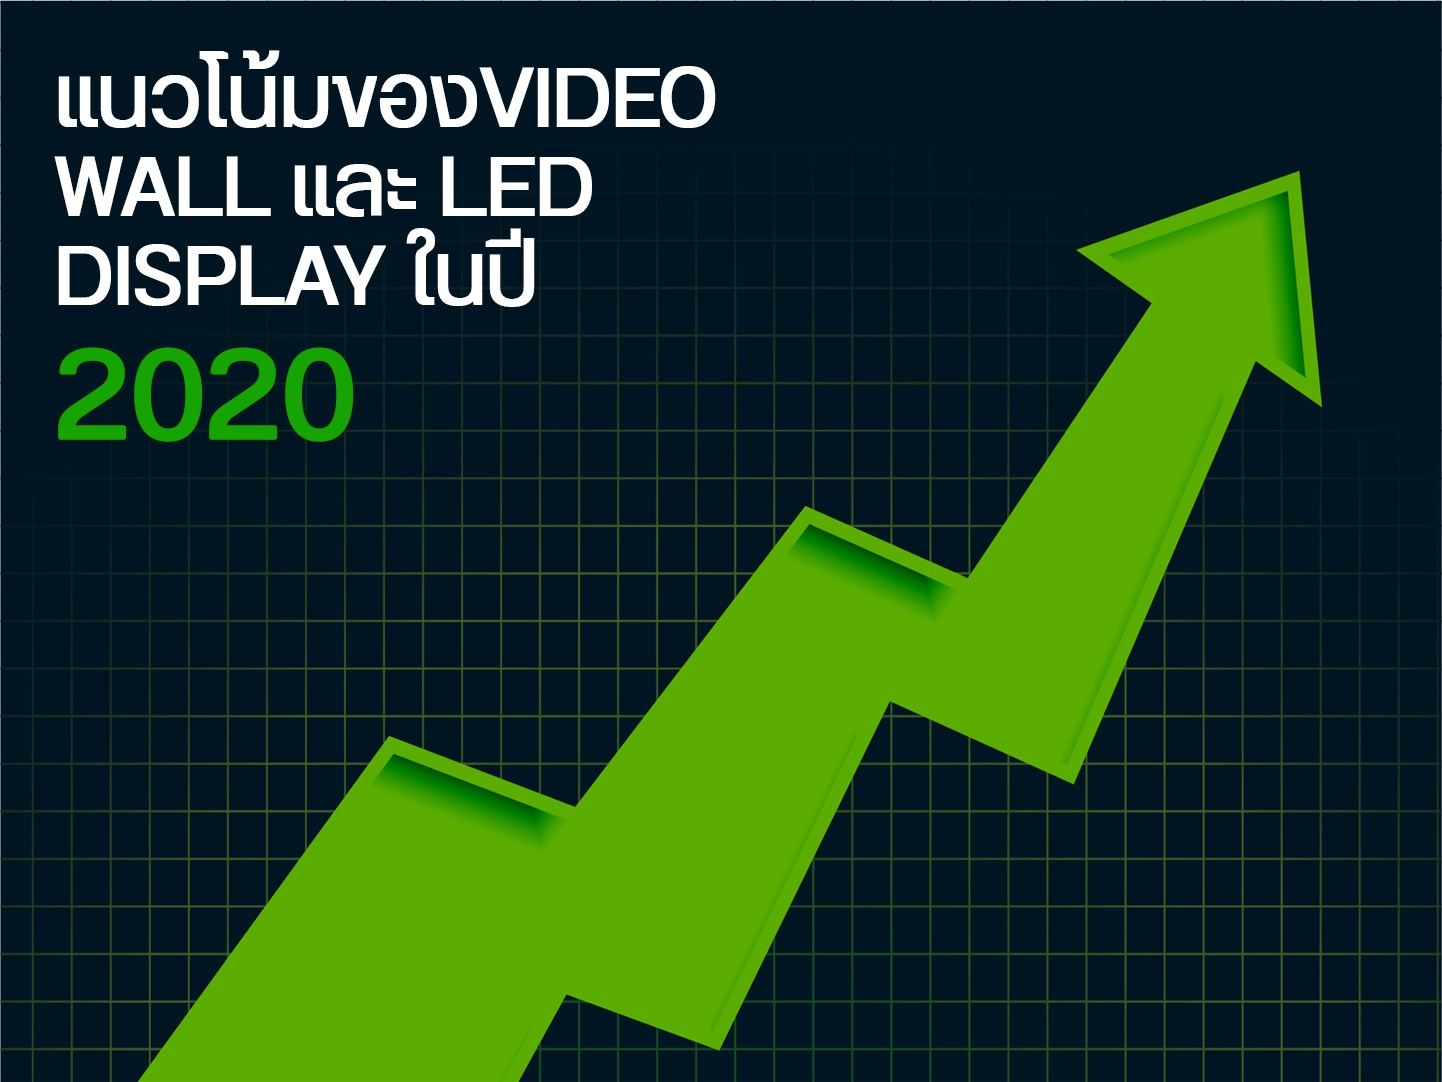 แนวโน้มของVIDEO WALL และ LED DISPLAY ในปี 2020